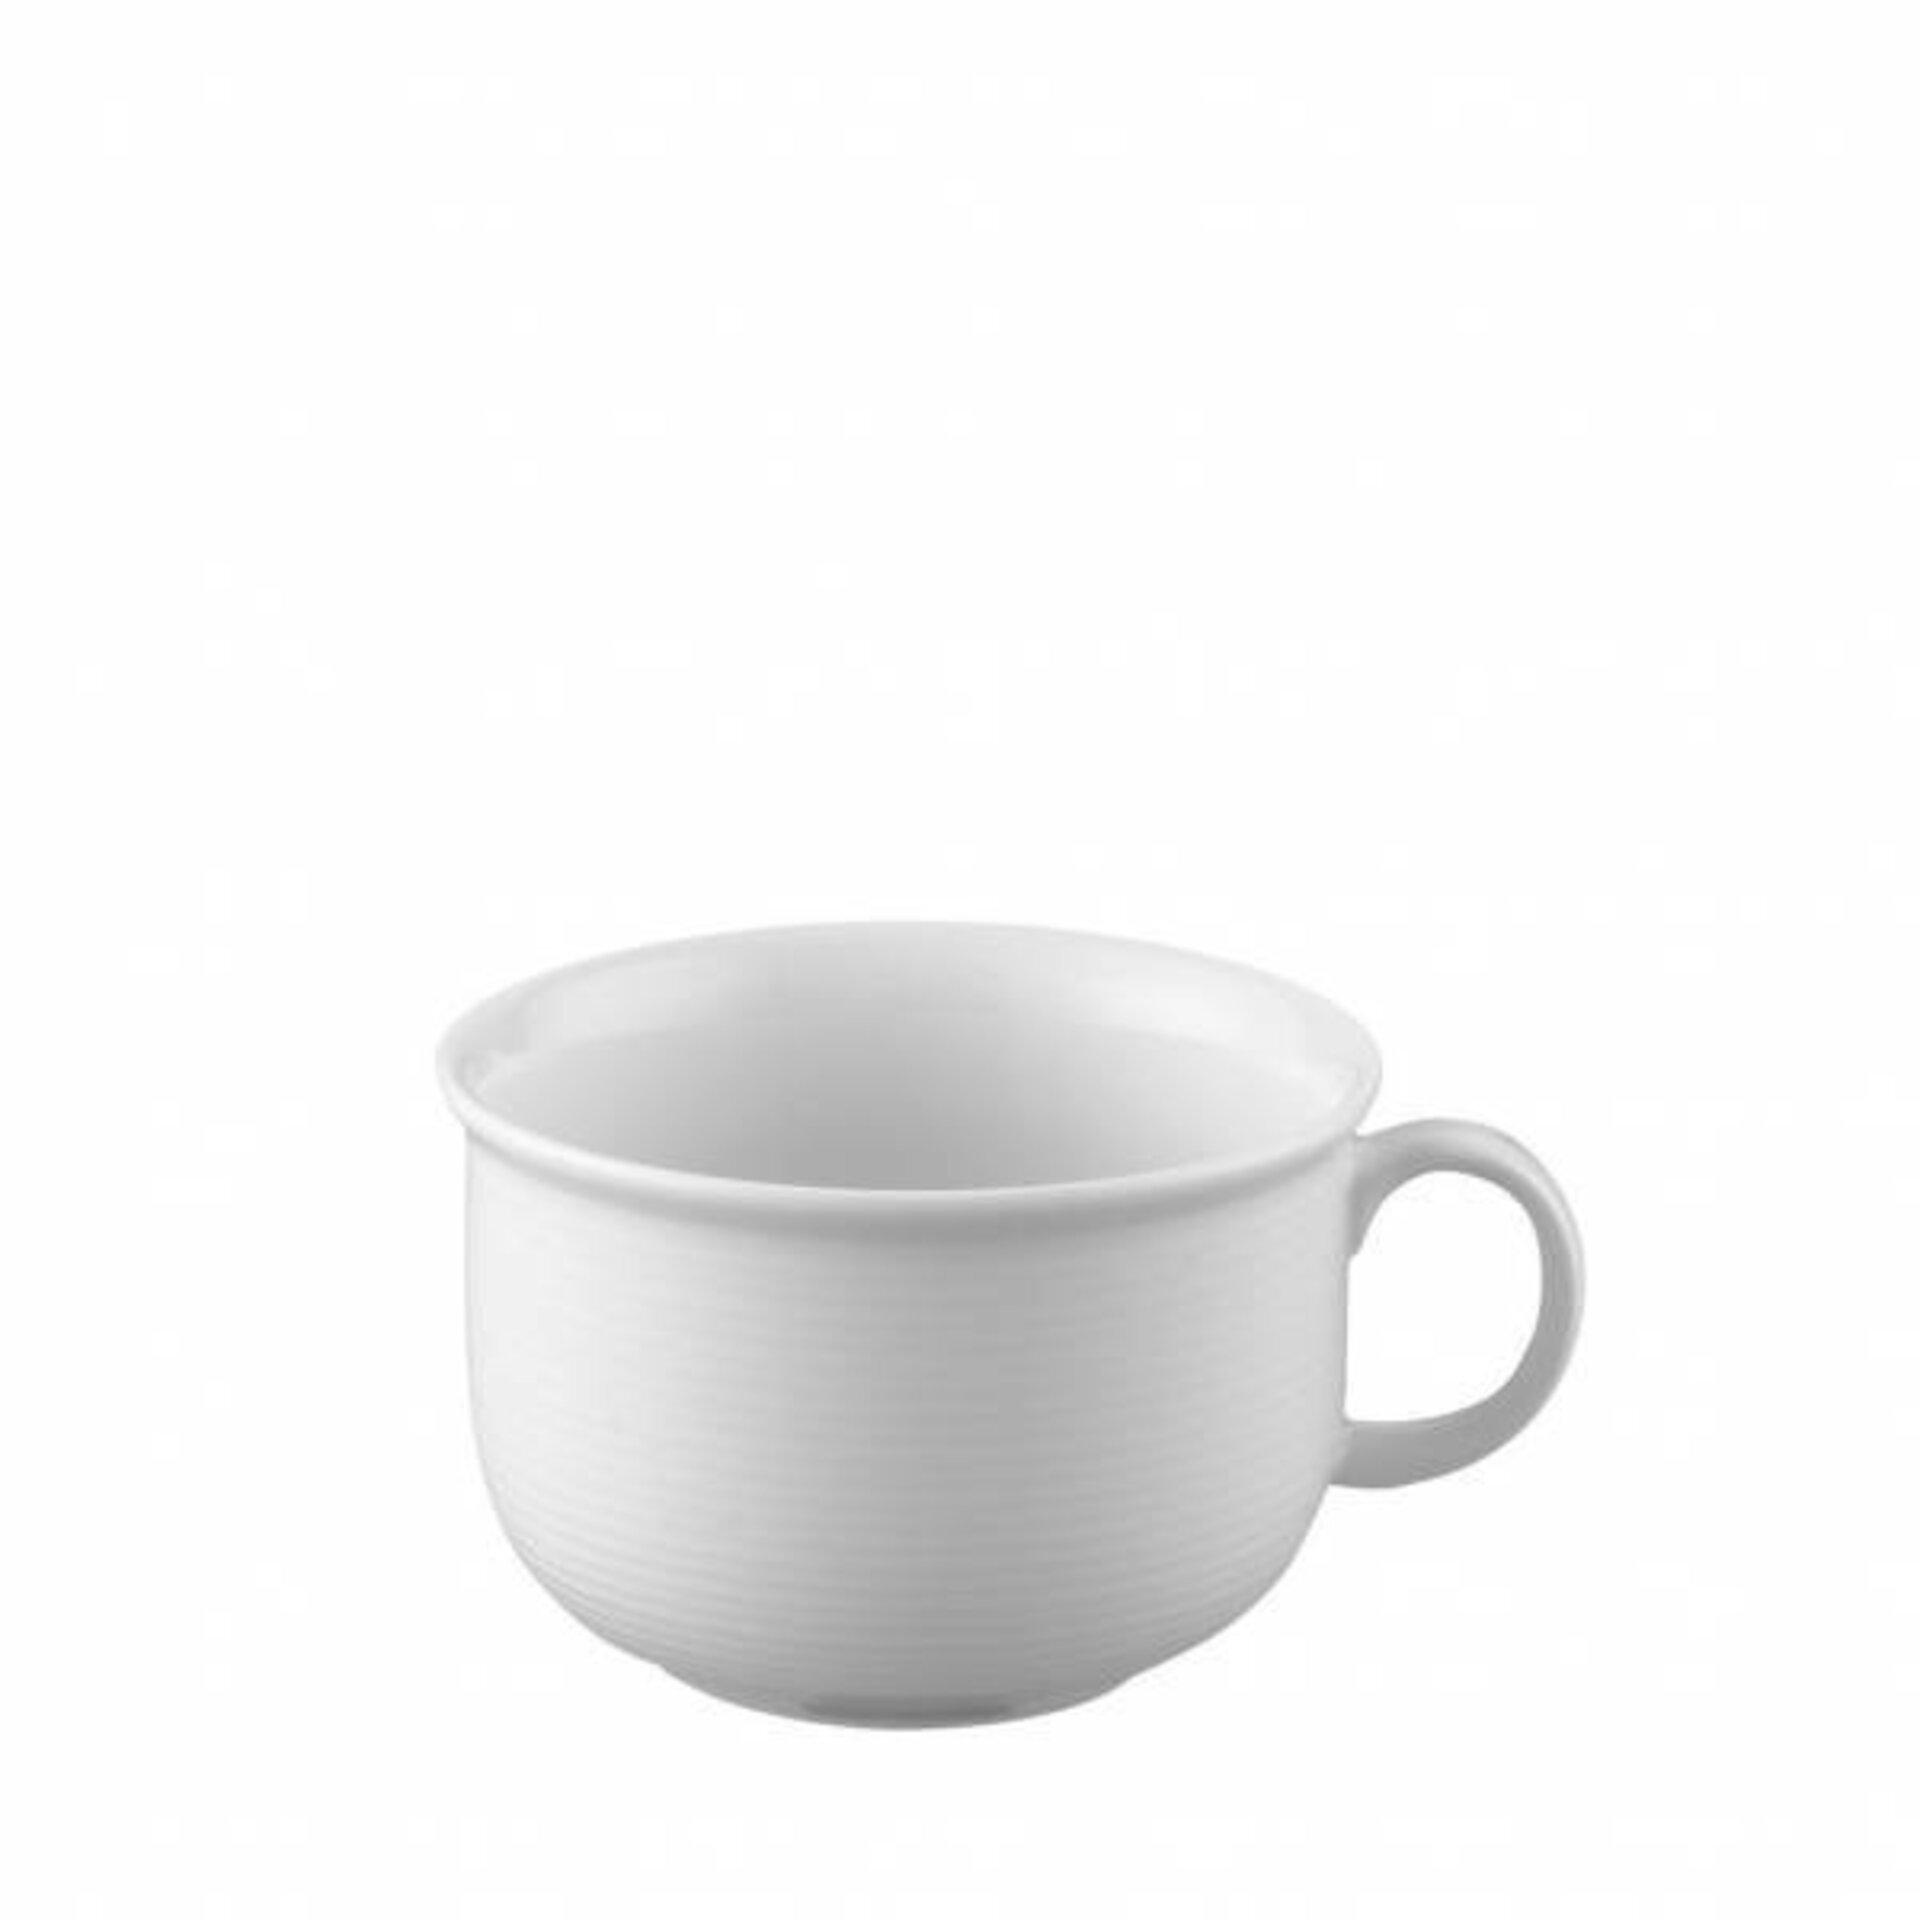 Geschirr Trend Thomas Keramik weiß